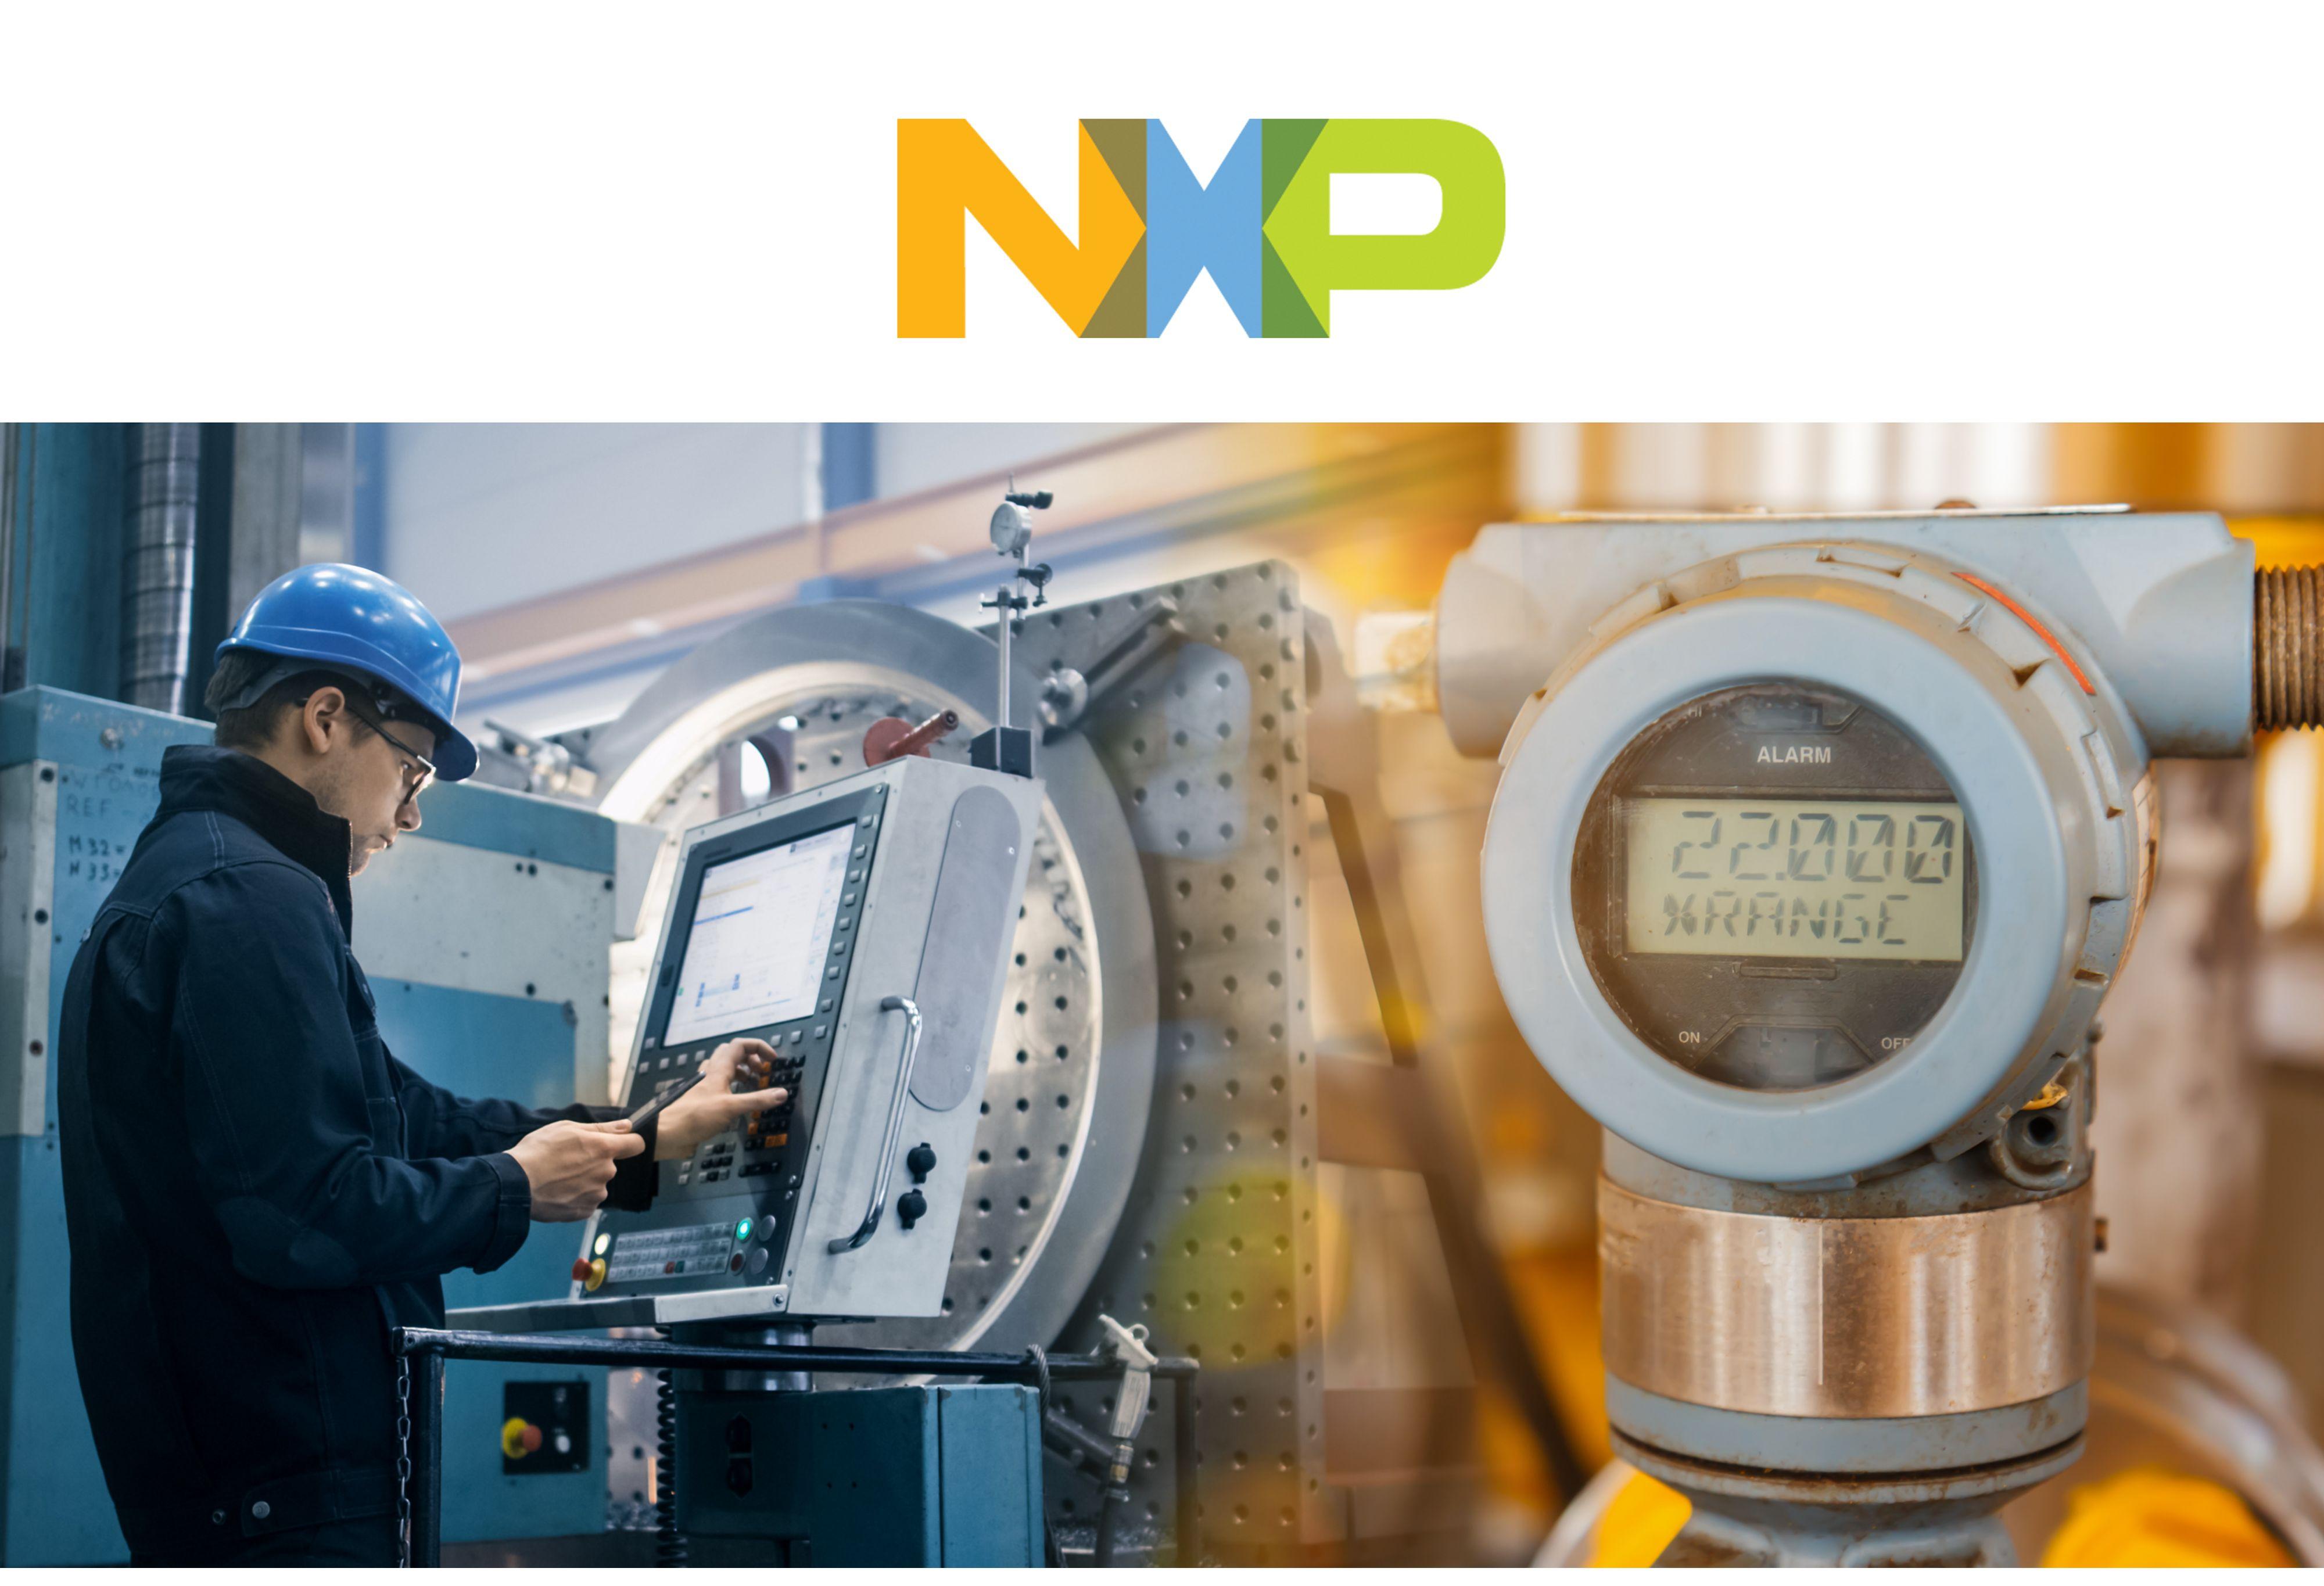 NXP MCU